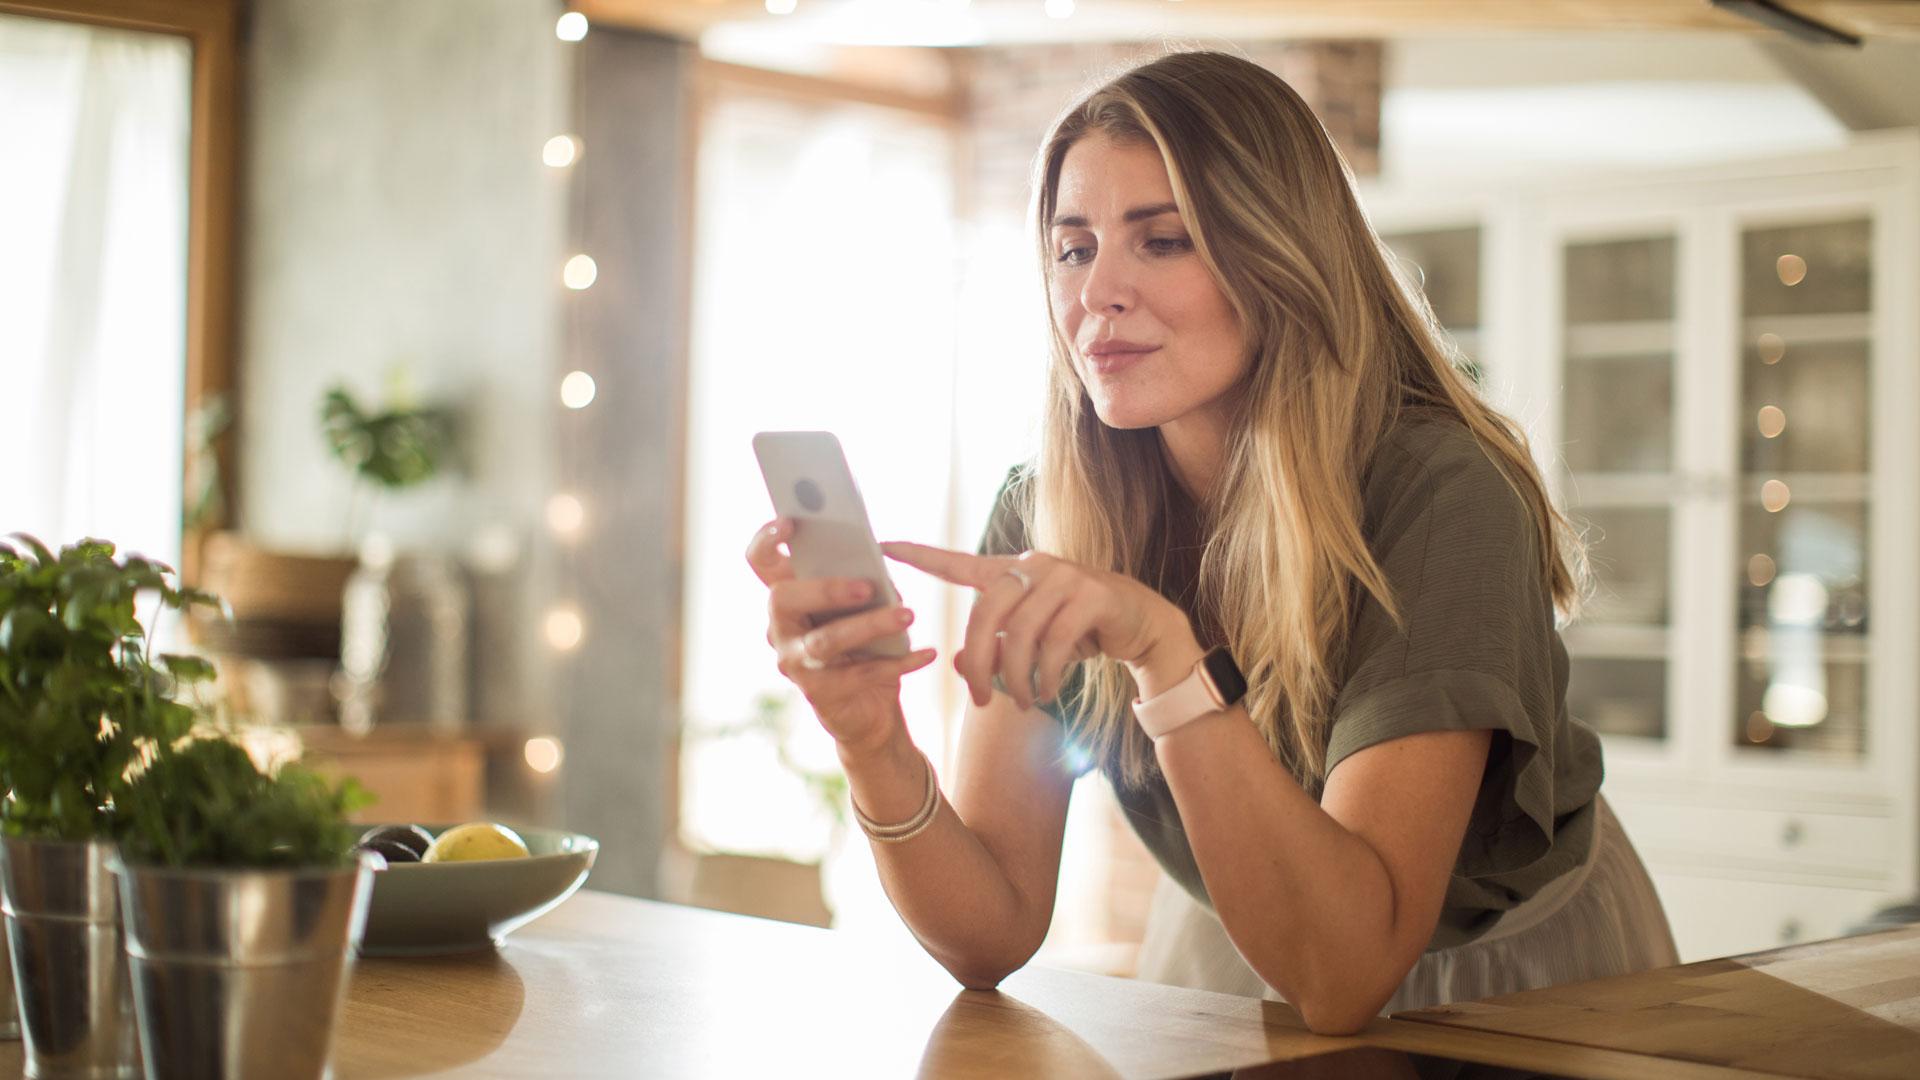 Eine Frau, die eine Personal-Food-Coach-App benutzt